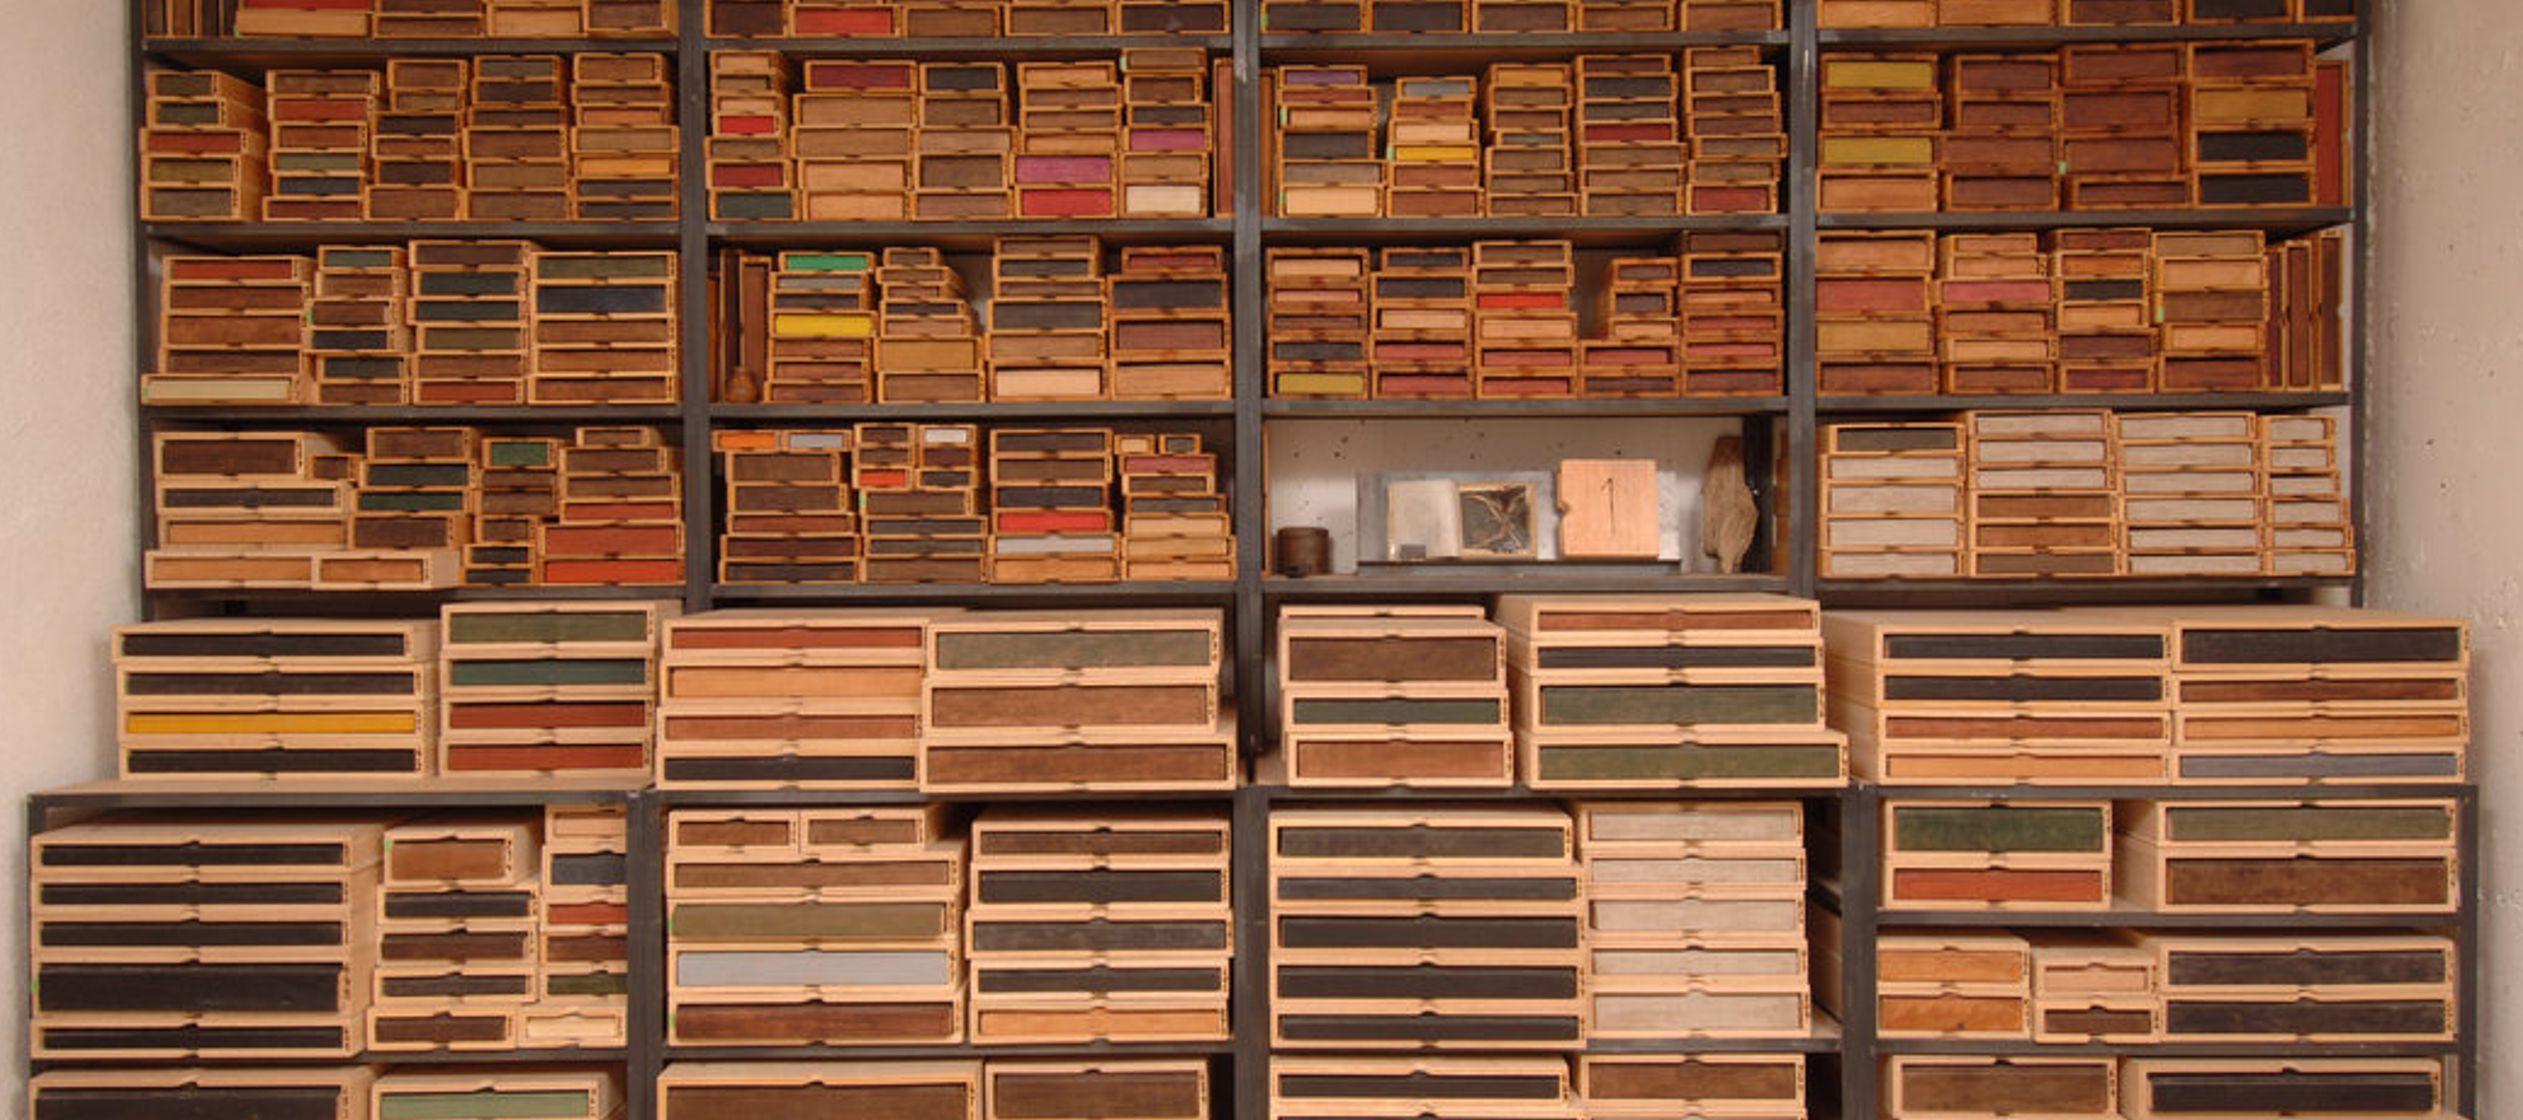 Por esos nuestras librerías han recuperado los libros de David Henry Thoreau, el ensayista y...